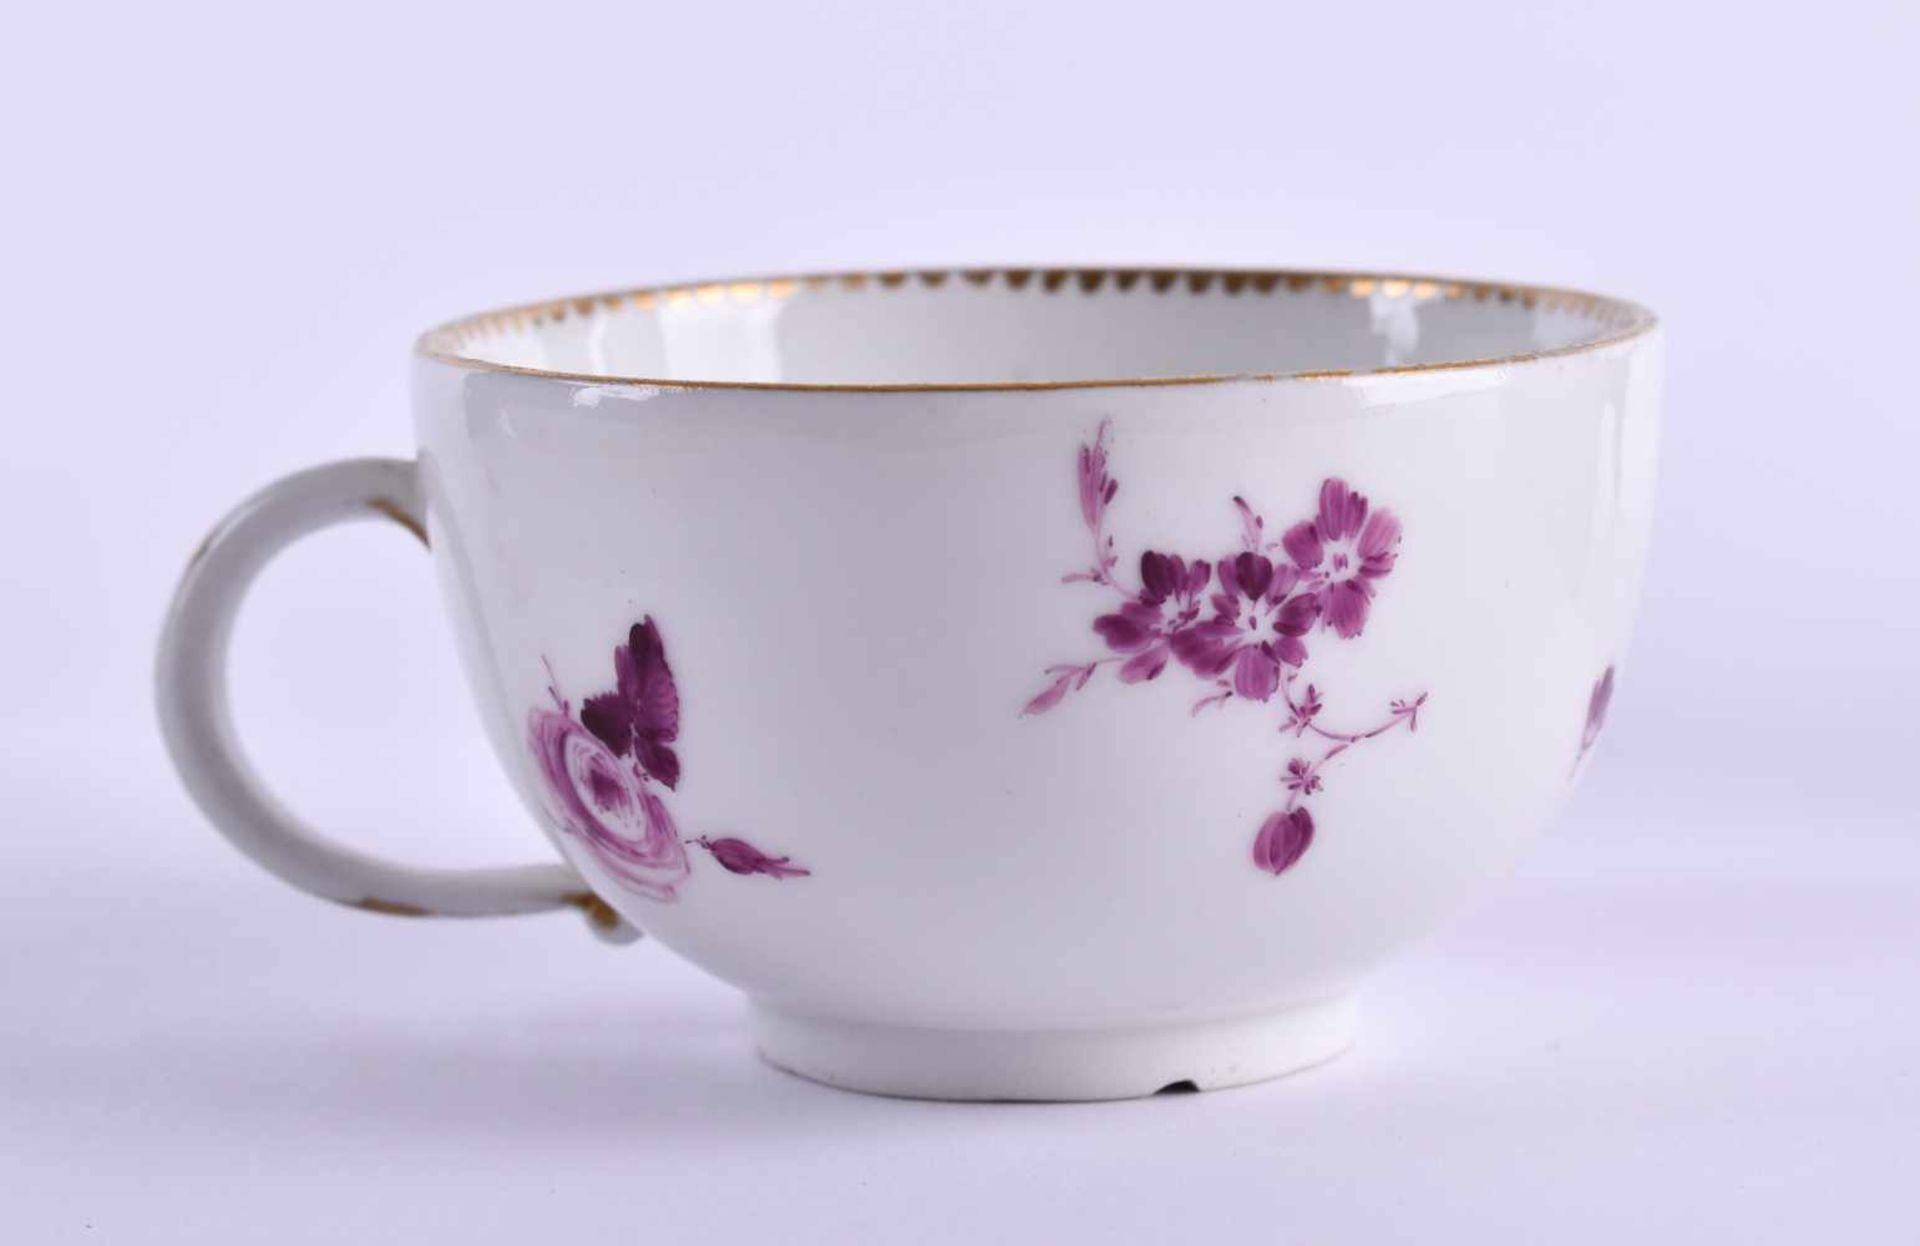 Cup & saucer Meissen 1740-80 - Bild 4 aus 7